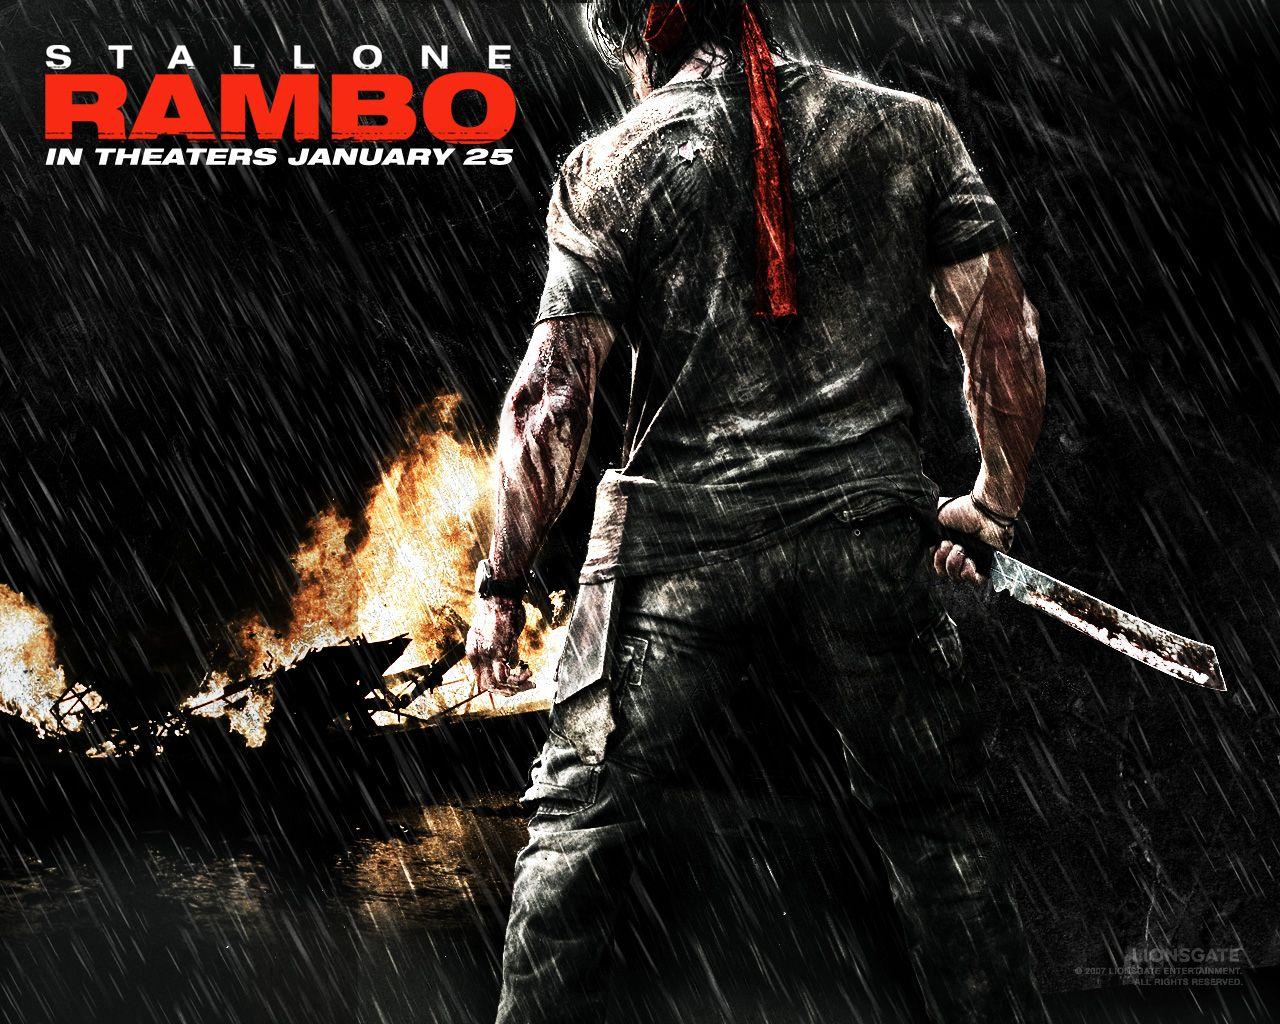 Upcoming Movies Wallpaper Rambo Sylvester Stallone Movie Wallpapers Upcoming Movies